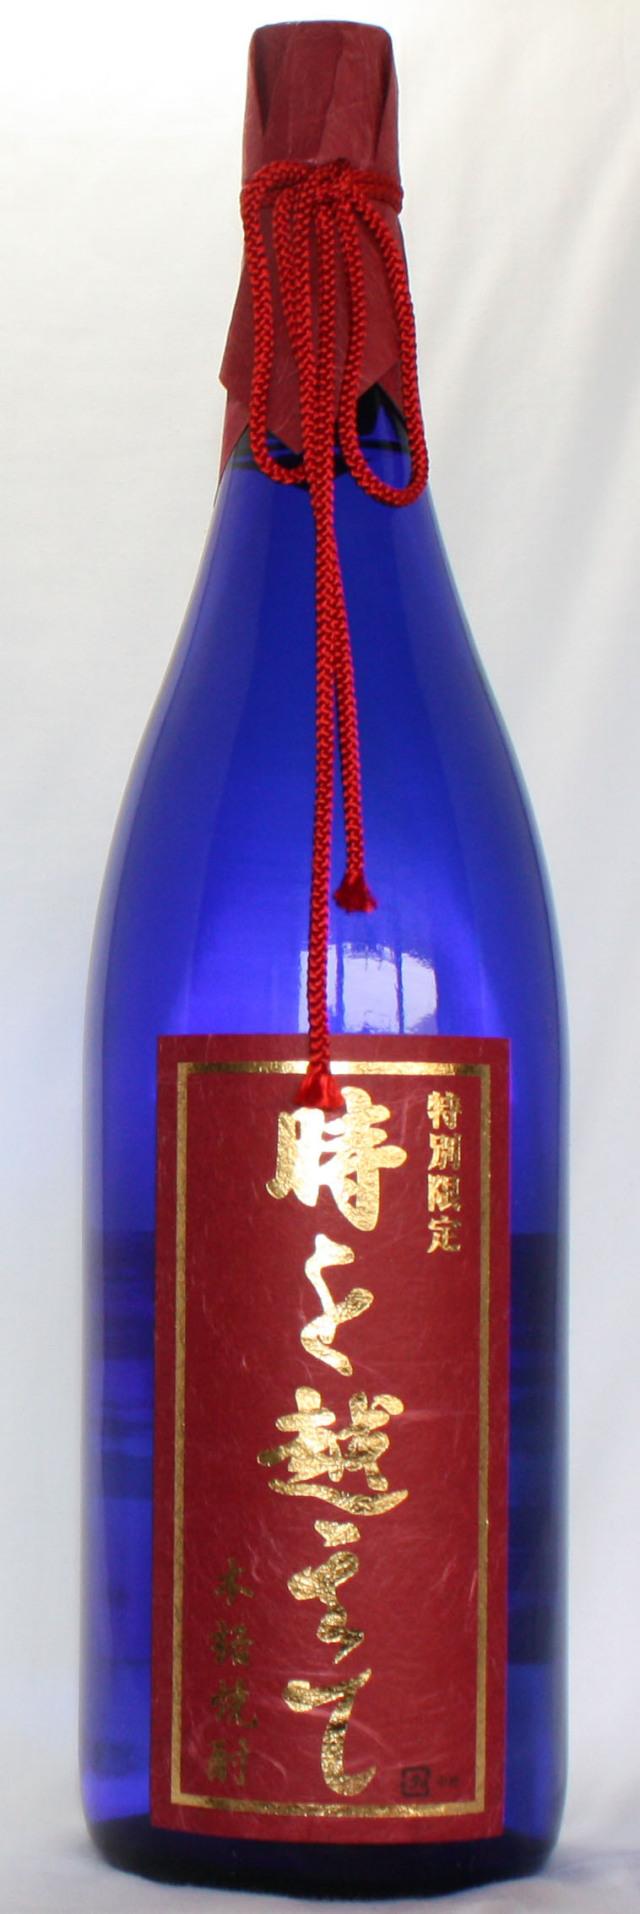 時を越えて(麦) 1800ml 麦焼酎 オガタマ酒造 限定焼酎